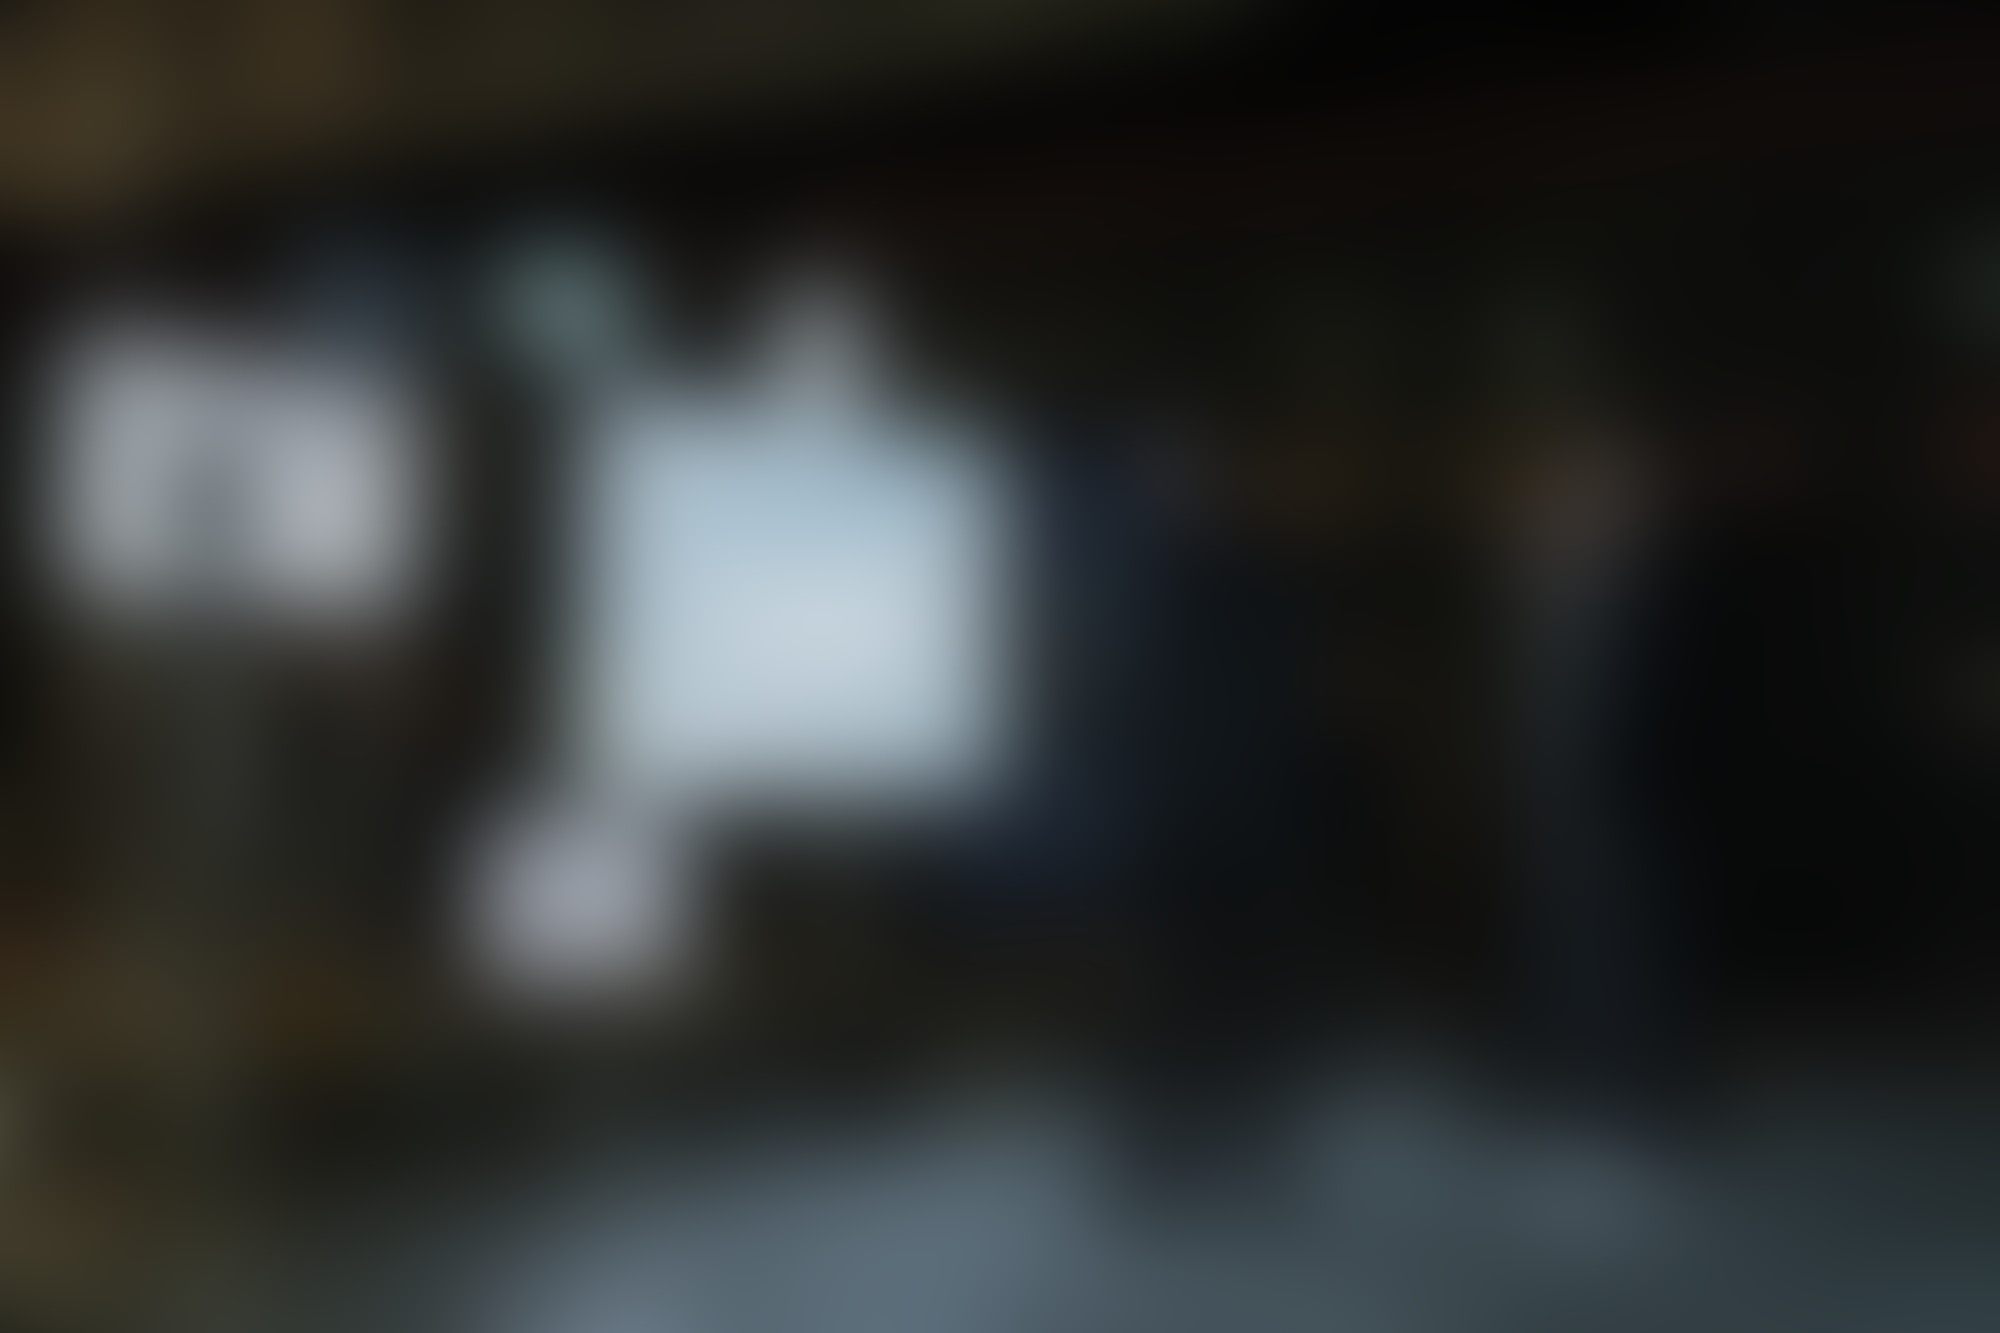 Tvc studio1 04 autocompressfitresizeixlibphp 1 1 0max h2000max w3 D2000q80sb8be0ec752a90dea792e6b53c71d1834